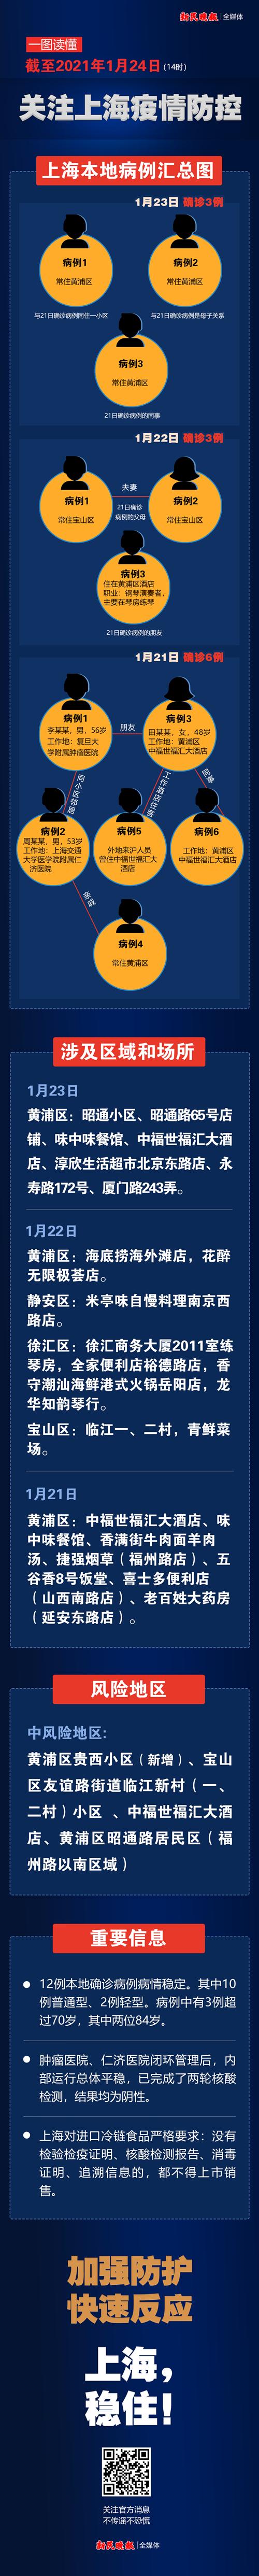 一圖匯總!上海3天12人確診,涉及24個區域和場所